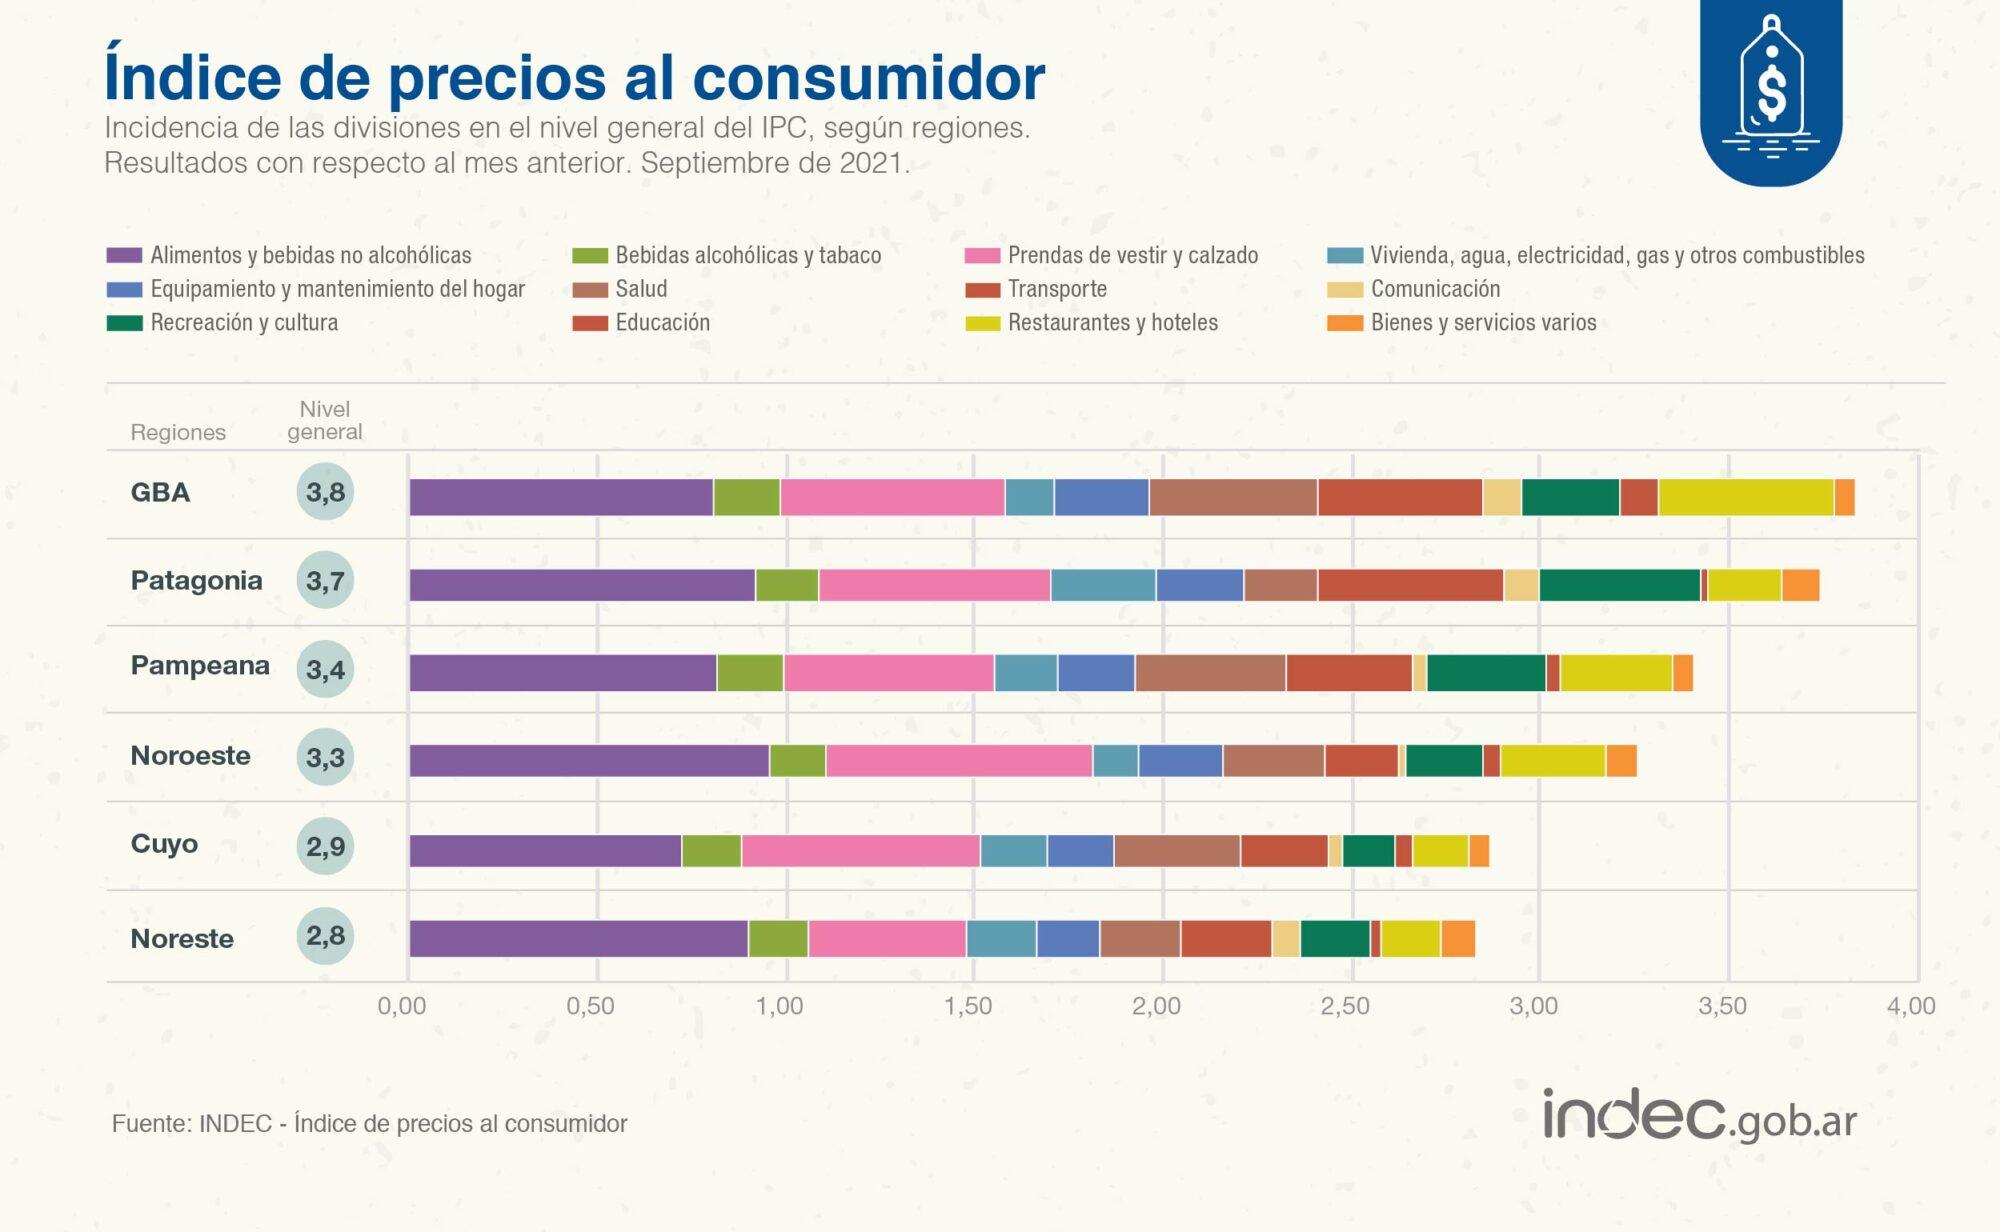 La inflación de septiembre en la Patagonia fue del 3,7% con una fuerte suba en bebidas alcohólicas, tabaco, restaurantes y hoteles